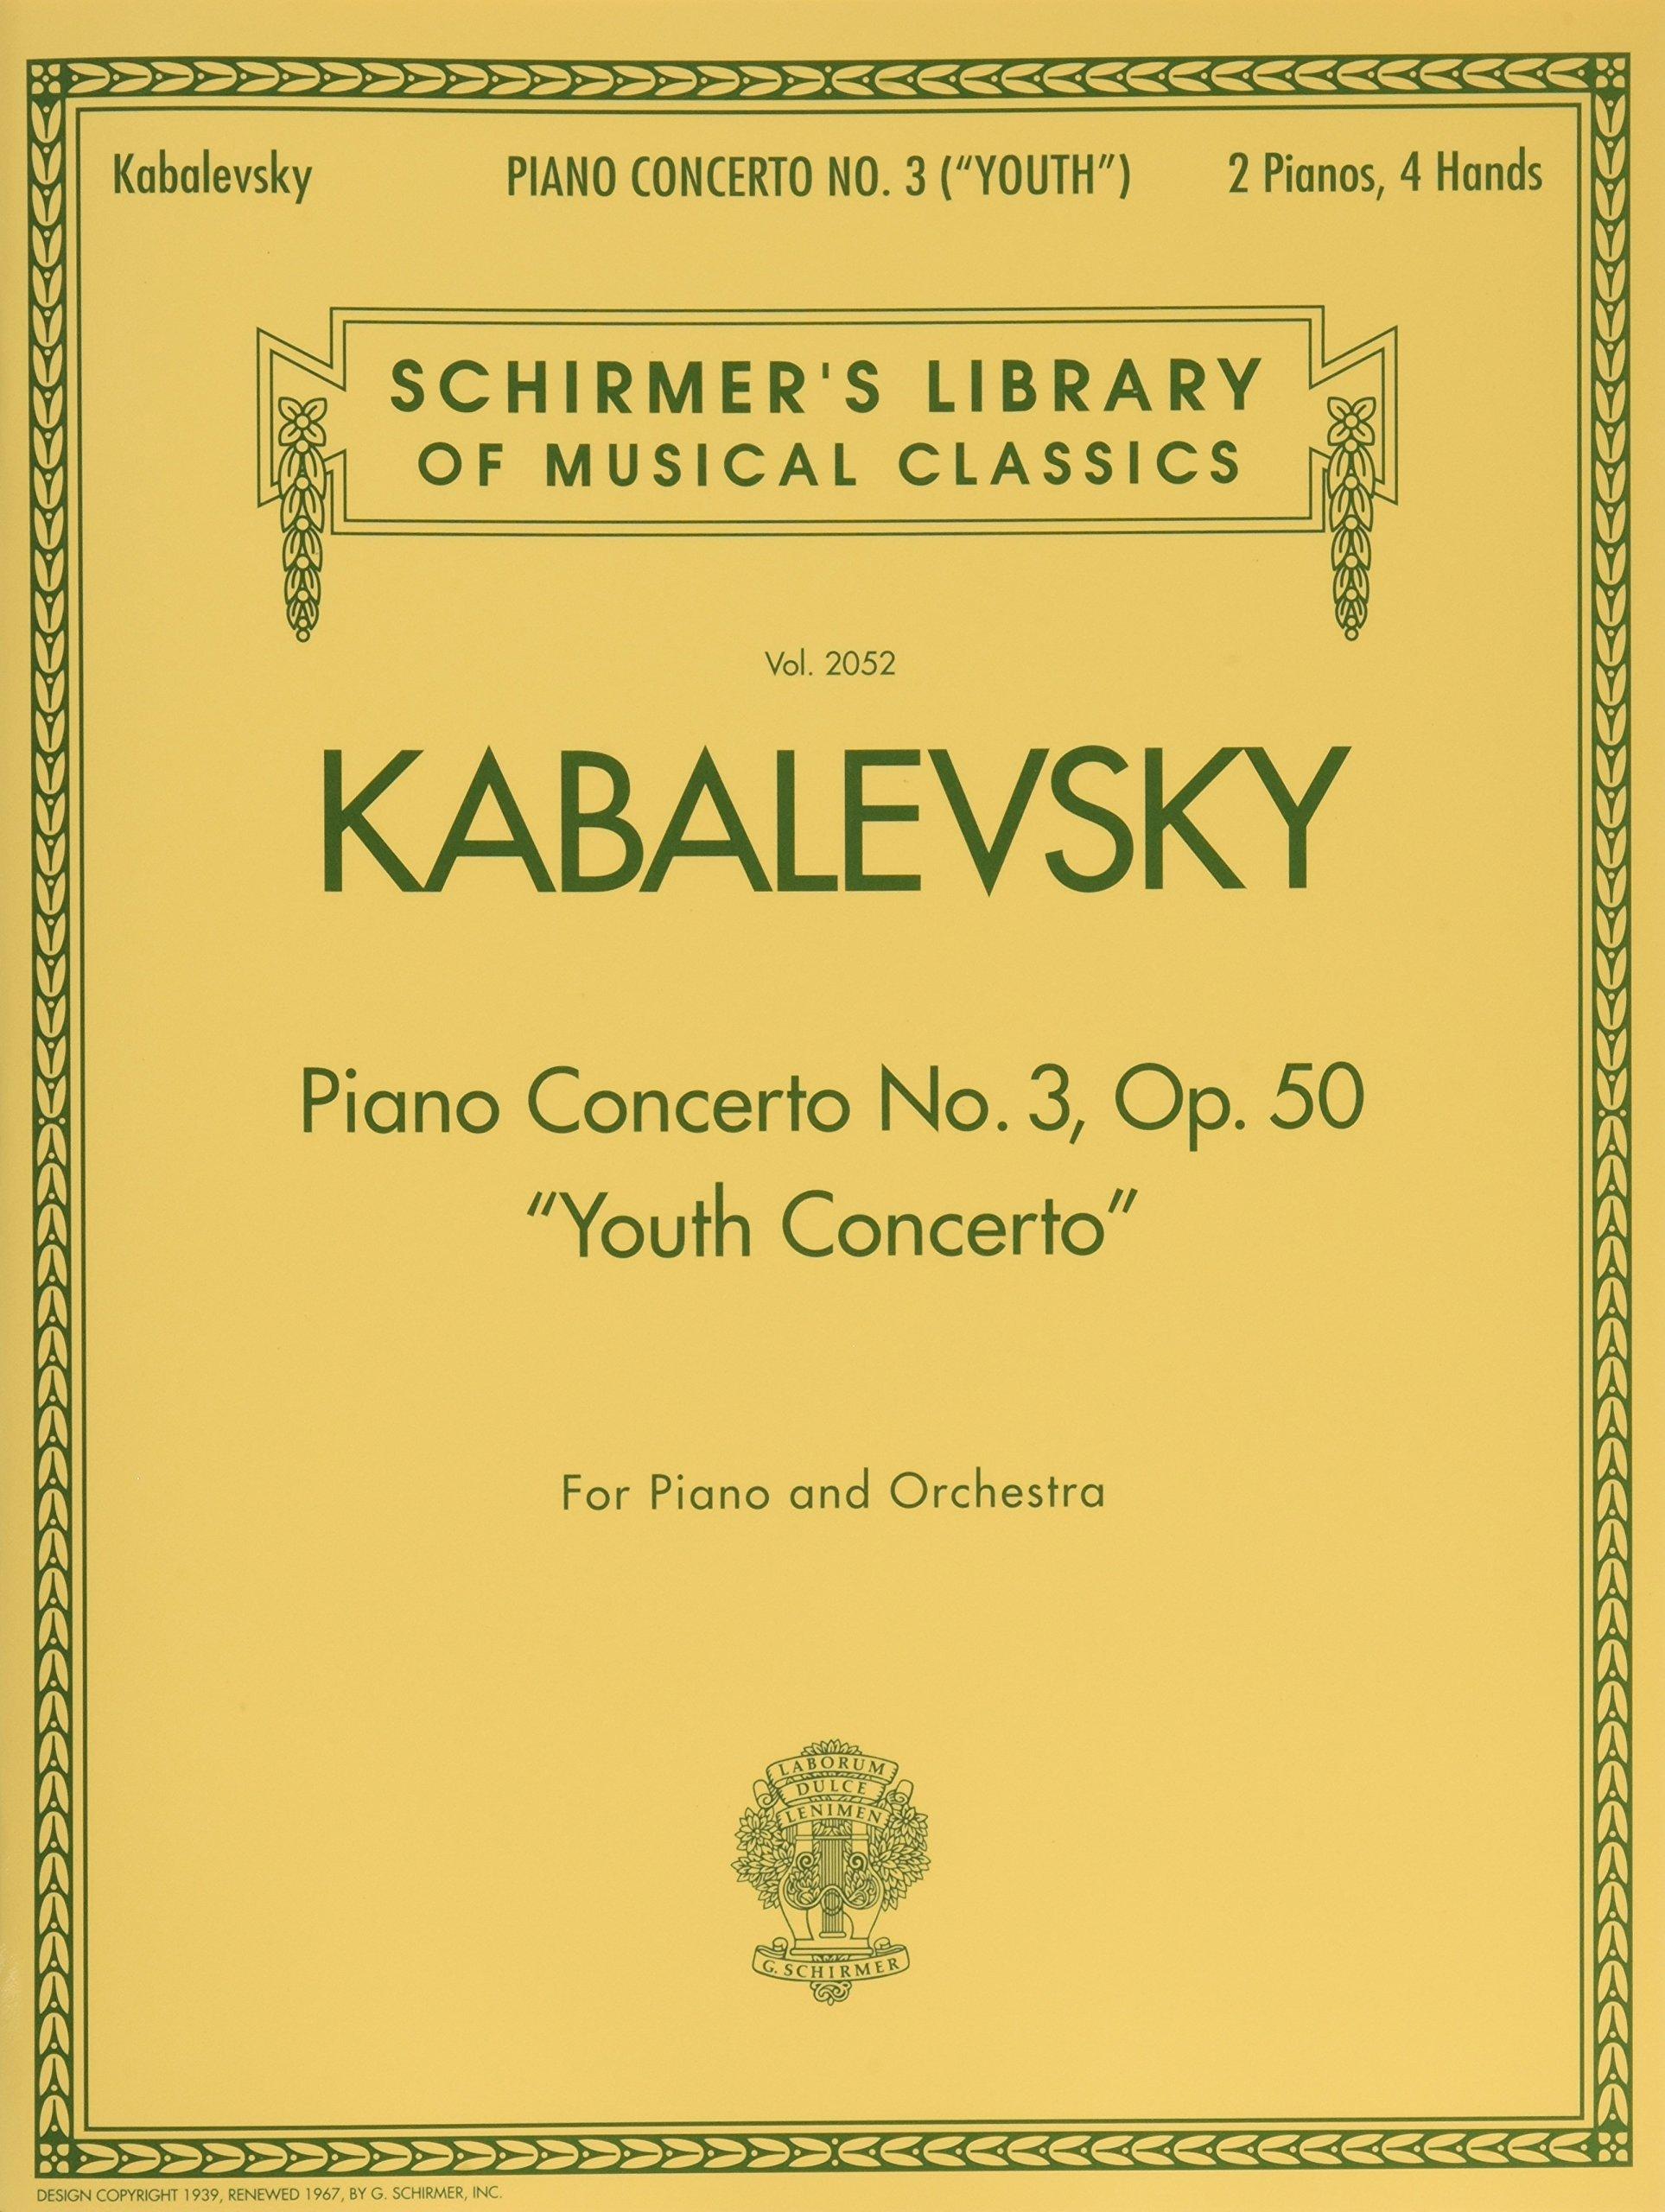 Piano Concerto No. 3, Op. 50 (